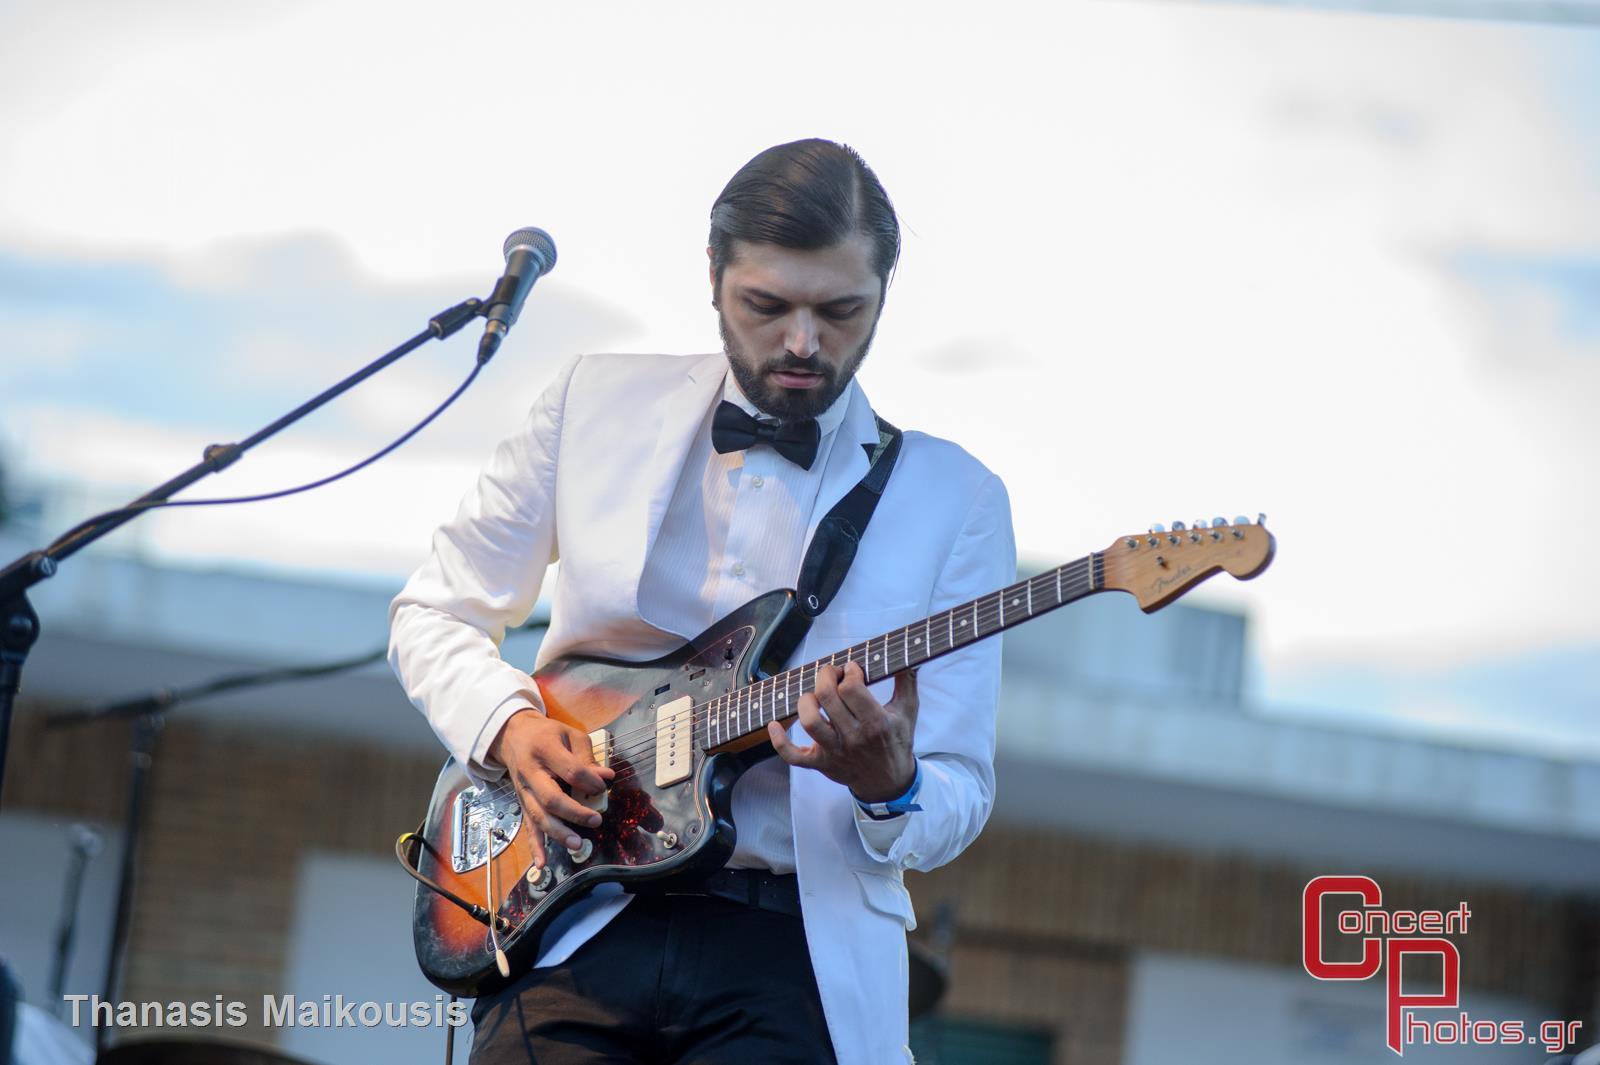 En Lefko 2014-En Lefko 2014 photographer: Thanasis Maikousis - concertphotos_20140620_20_27_06